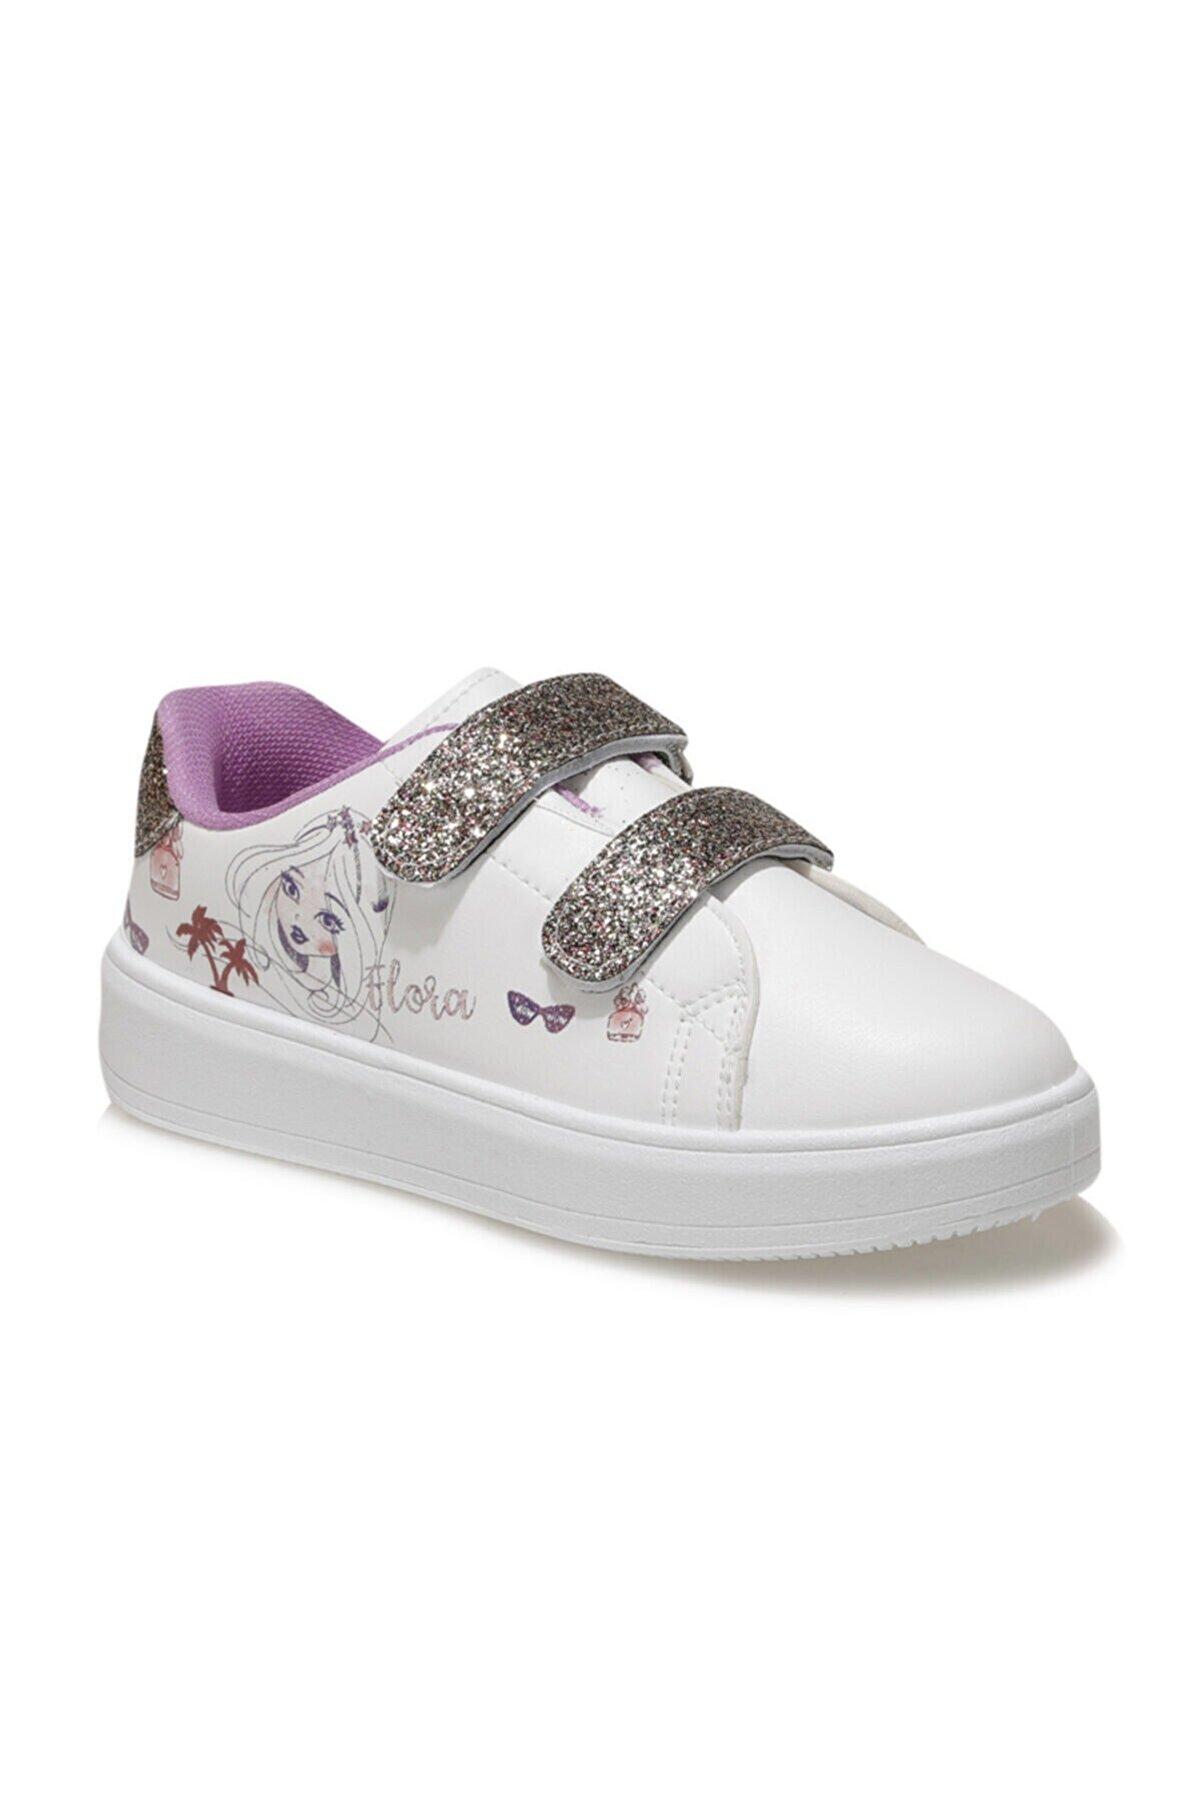 Winx UPIS.F1FX Beyaz Kız Çocuk Sneaker 100938644